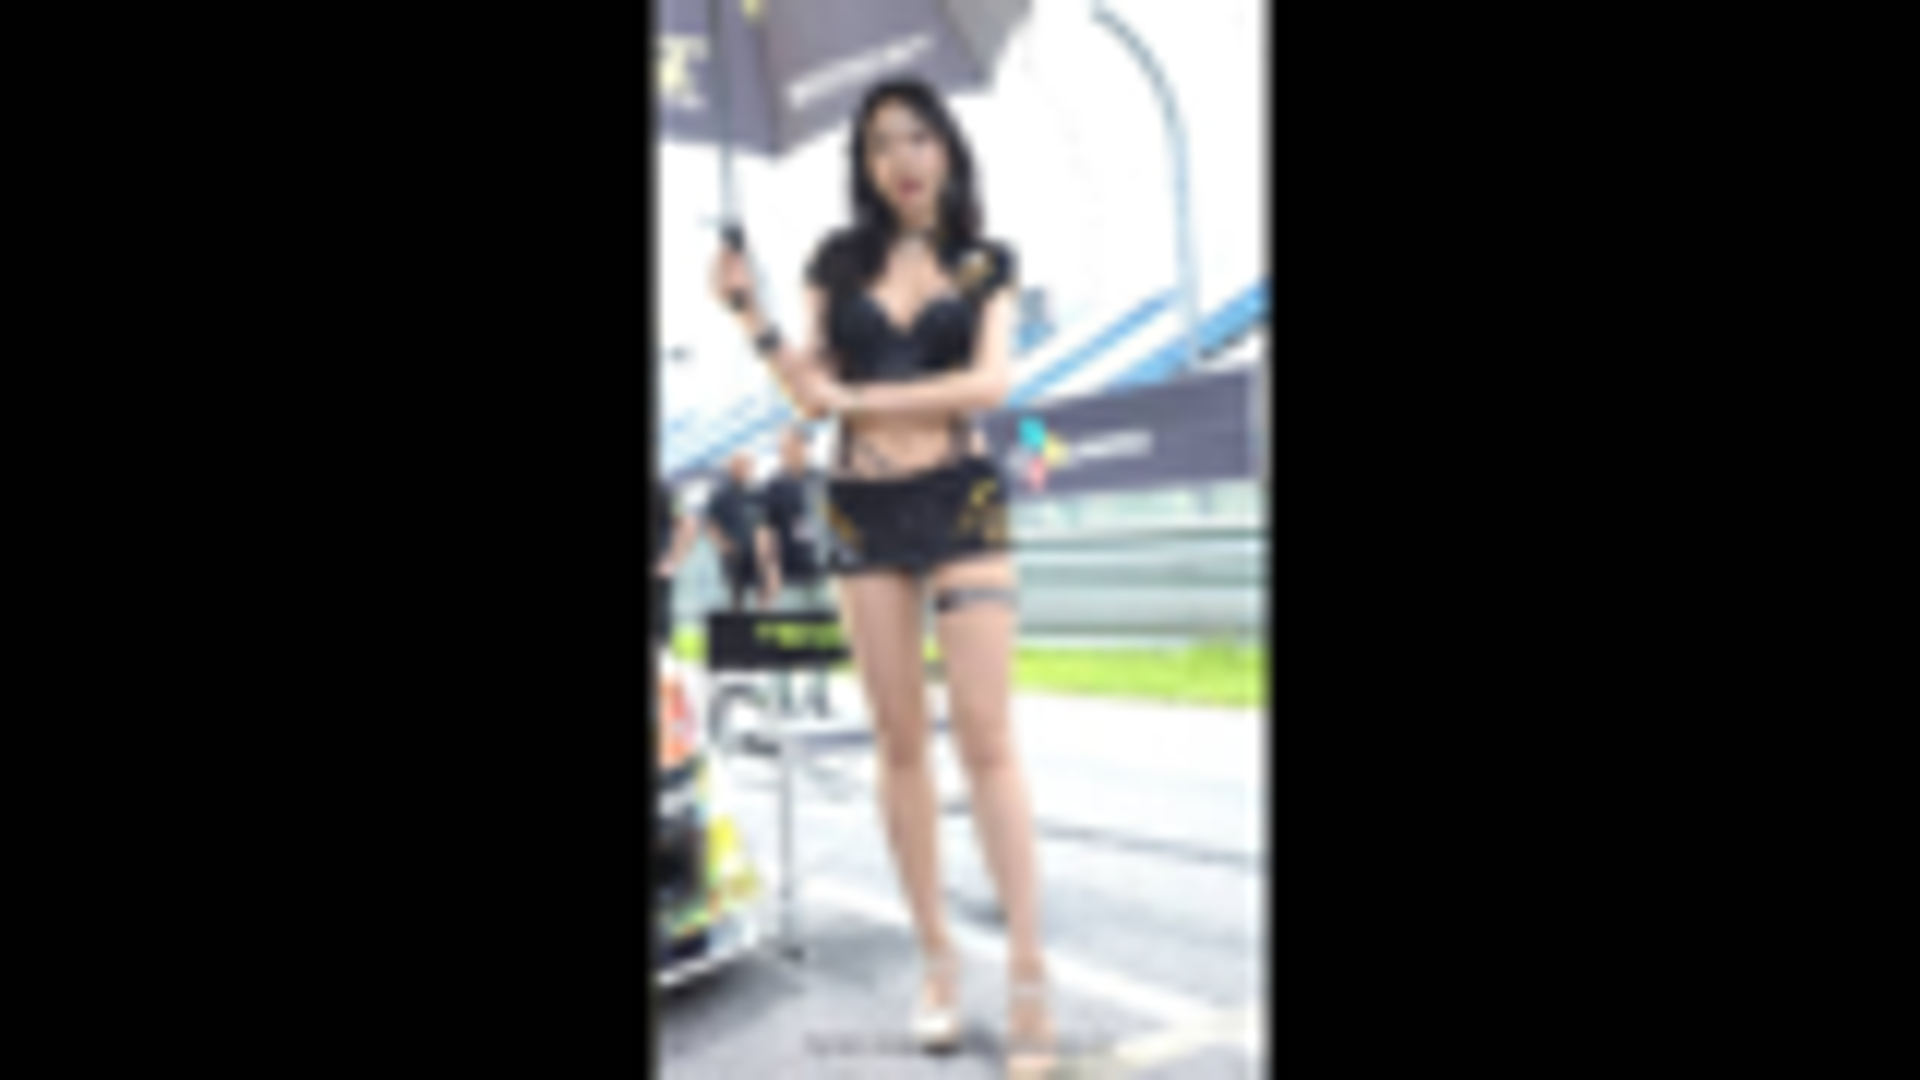 2019年超级赛车锦标赛 赛车女郎 - 김다나[Kim Dana]